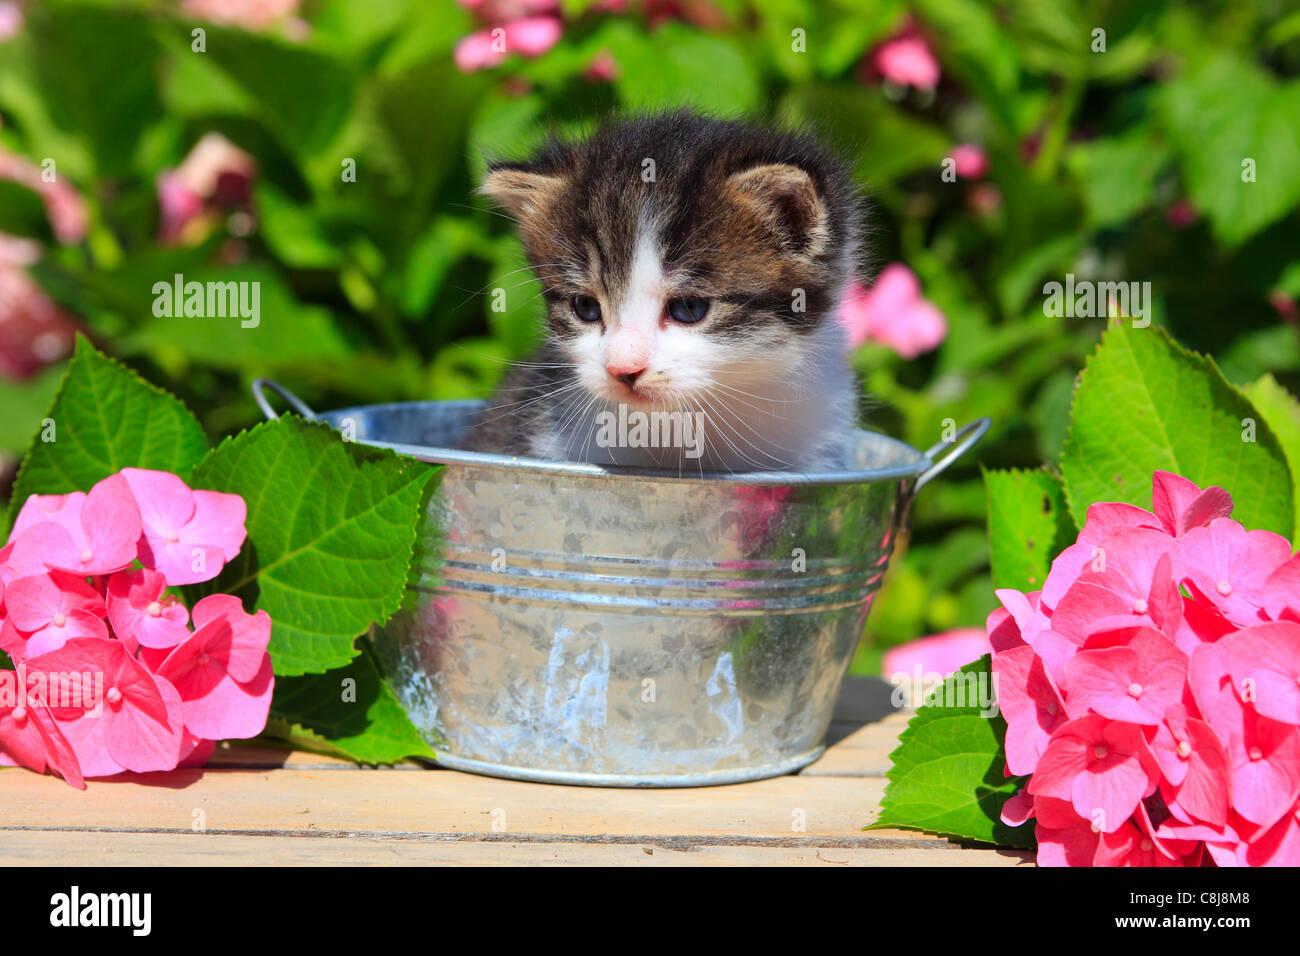 3 semaines, fleur, fleurs, jardin, maison, maison, Animal, animal domestique, animal et les jeunes, chat, jug, chaton, Photo Stock